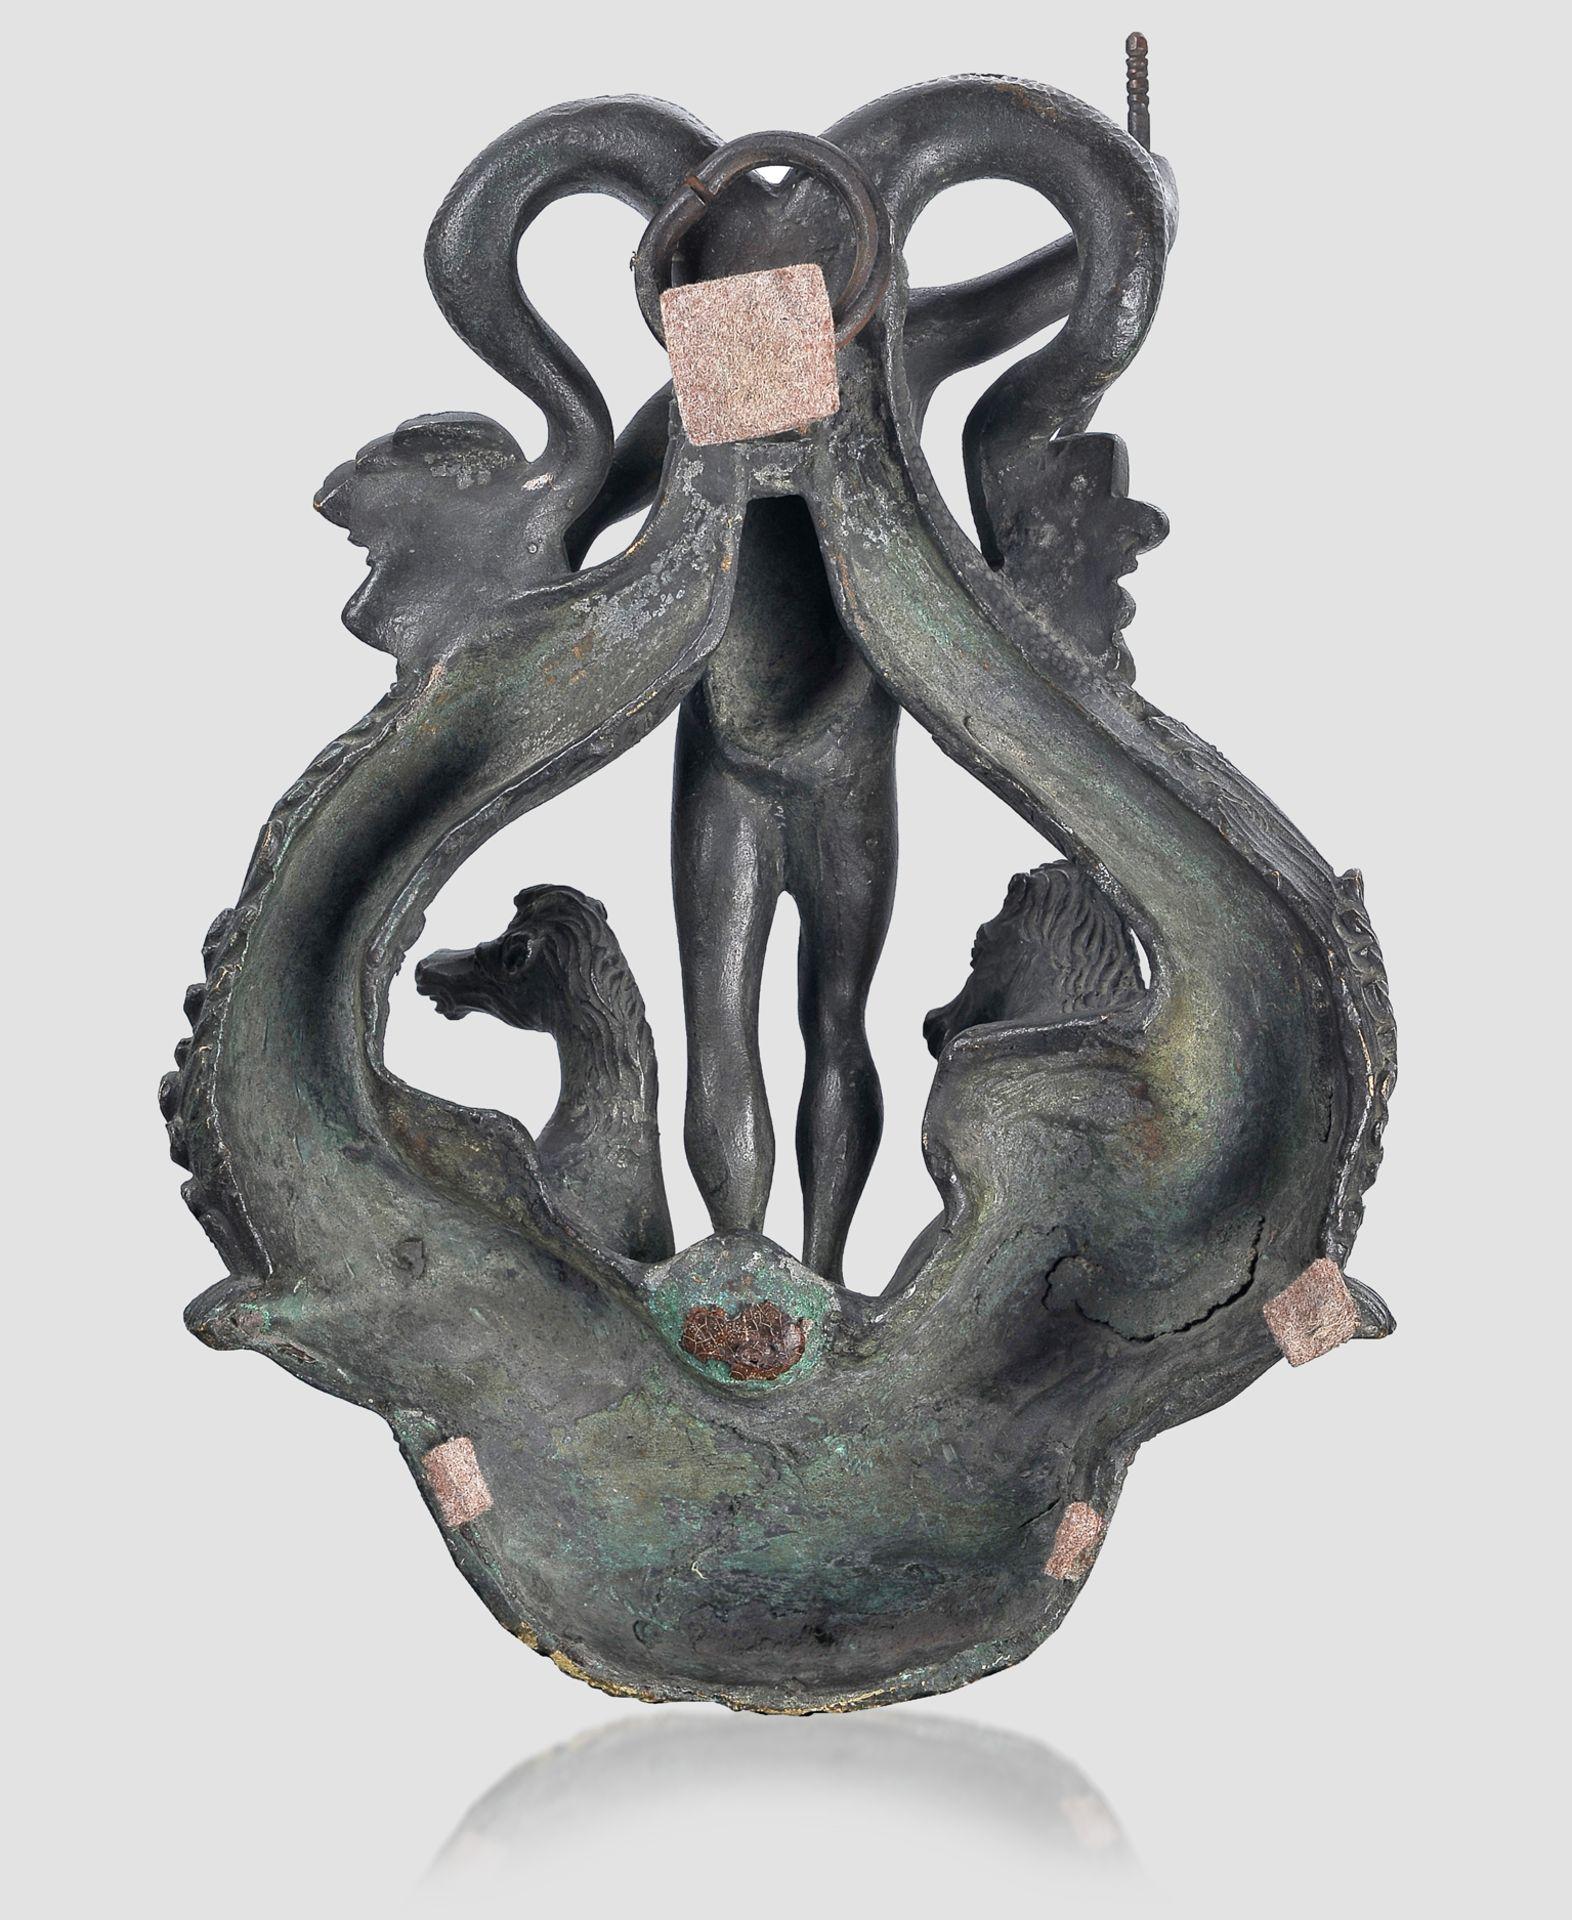 Türklopfer, Renaissancetypus, Bronze - Image 5 of 5